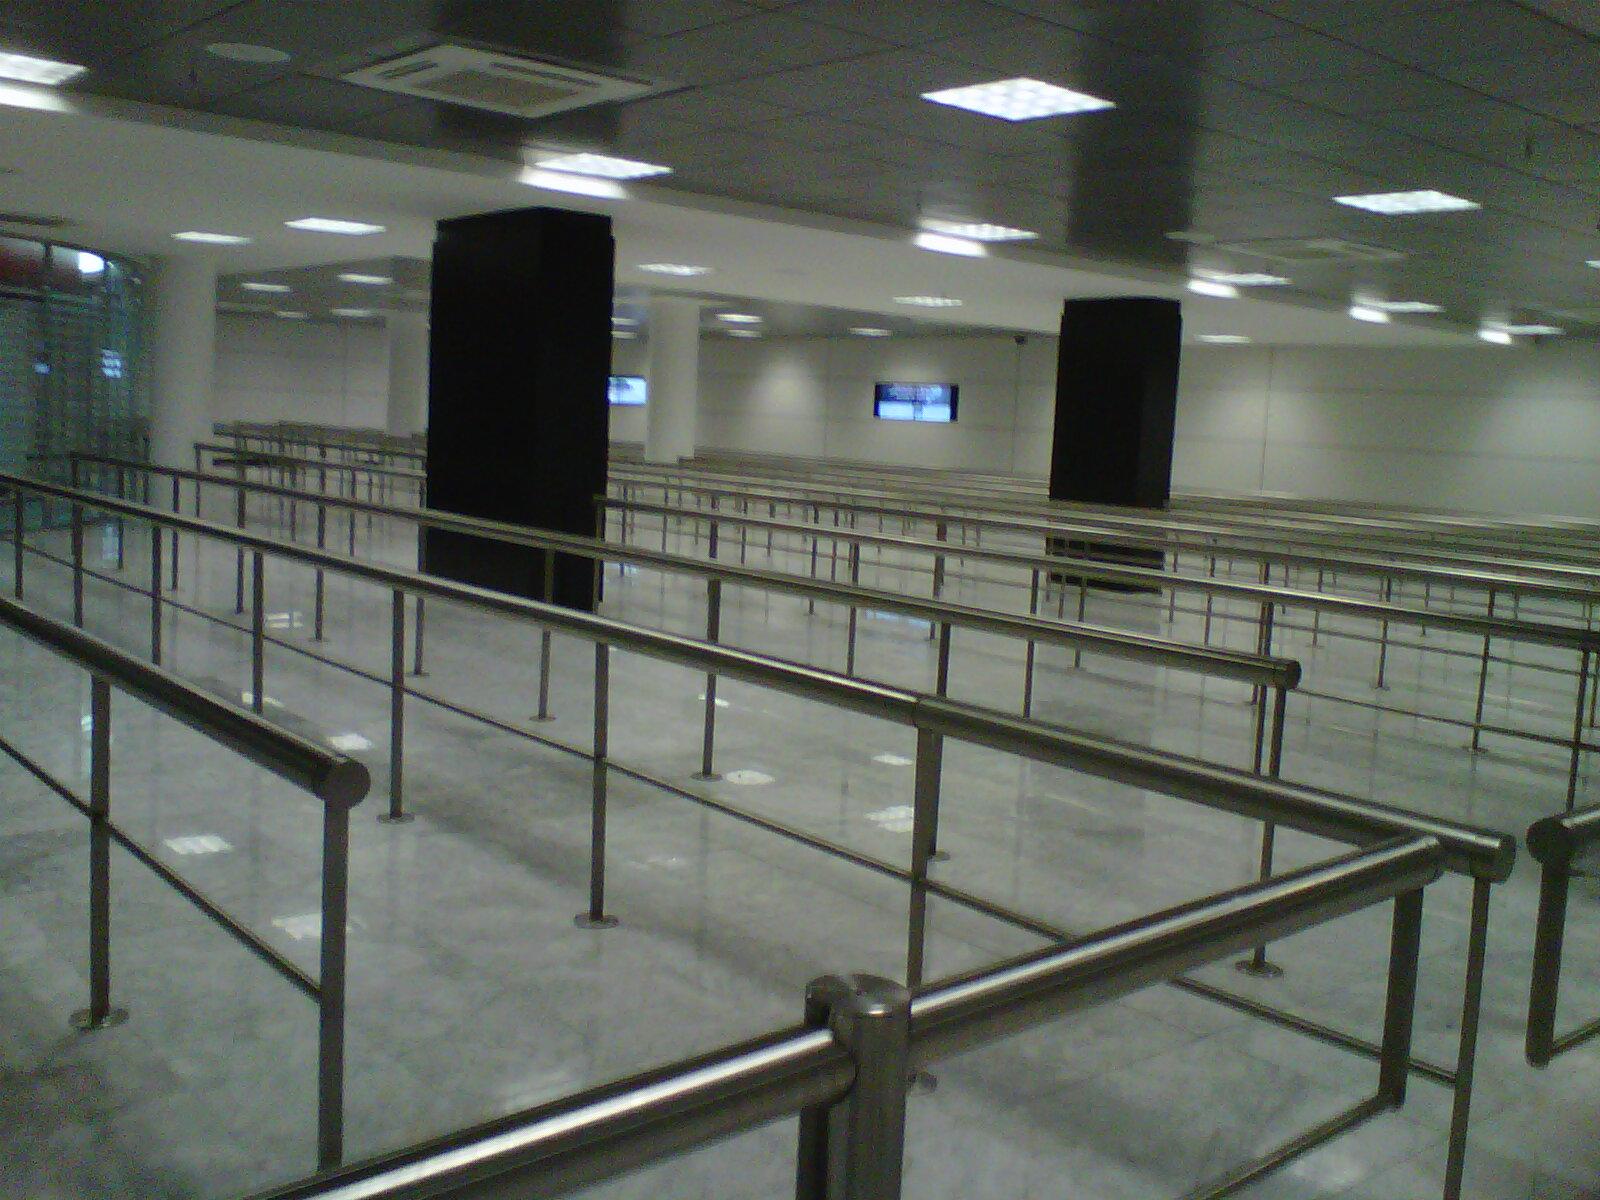 Aeropuerto Guadalajara revestimiento interior